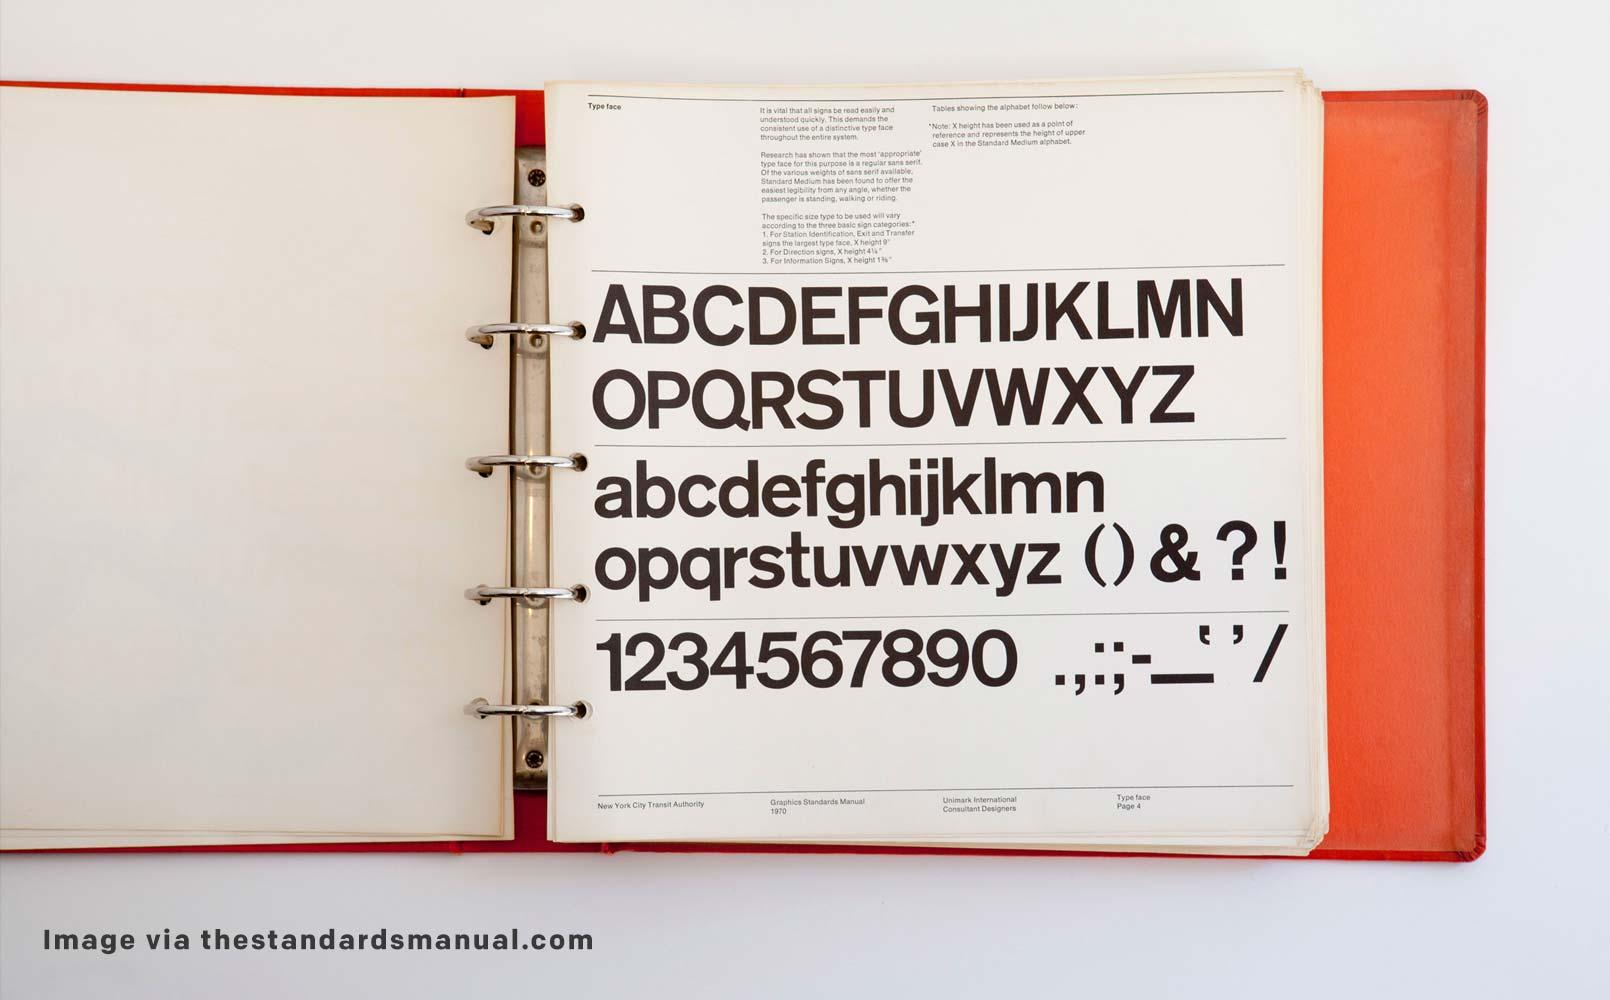 Brandbook_Vignelli.jpg#asset:425